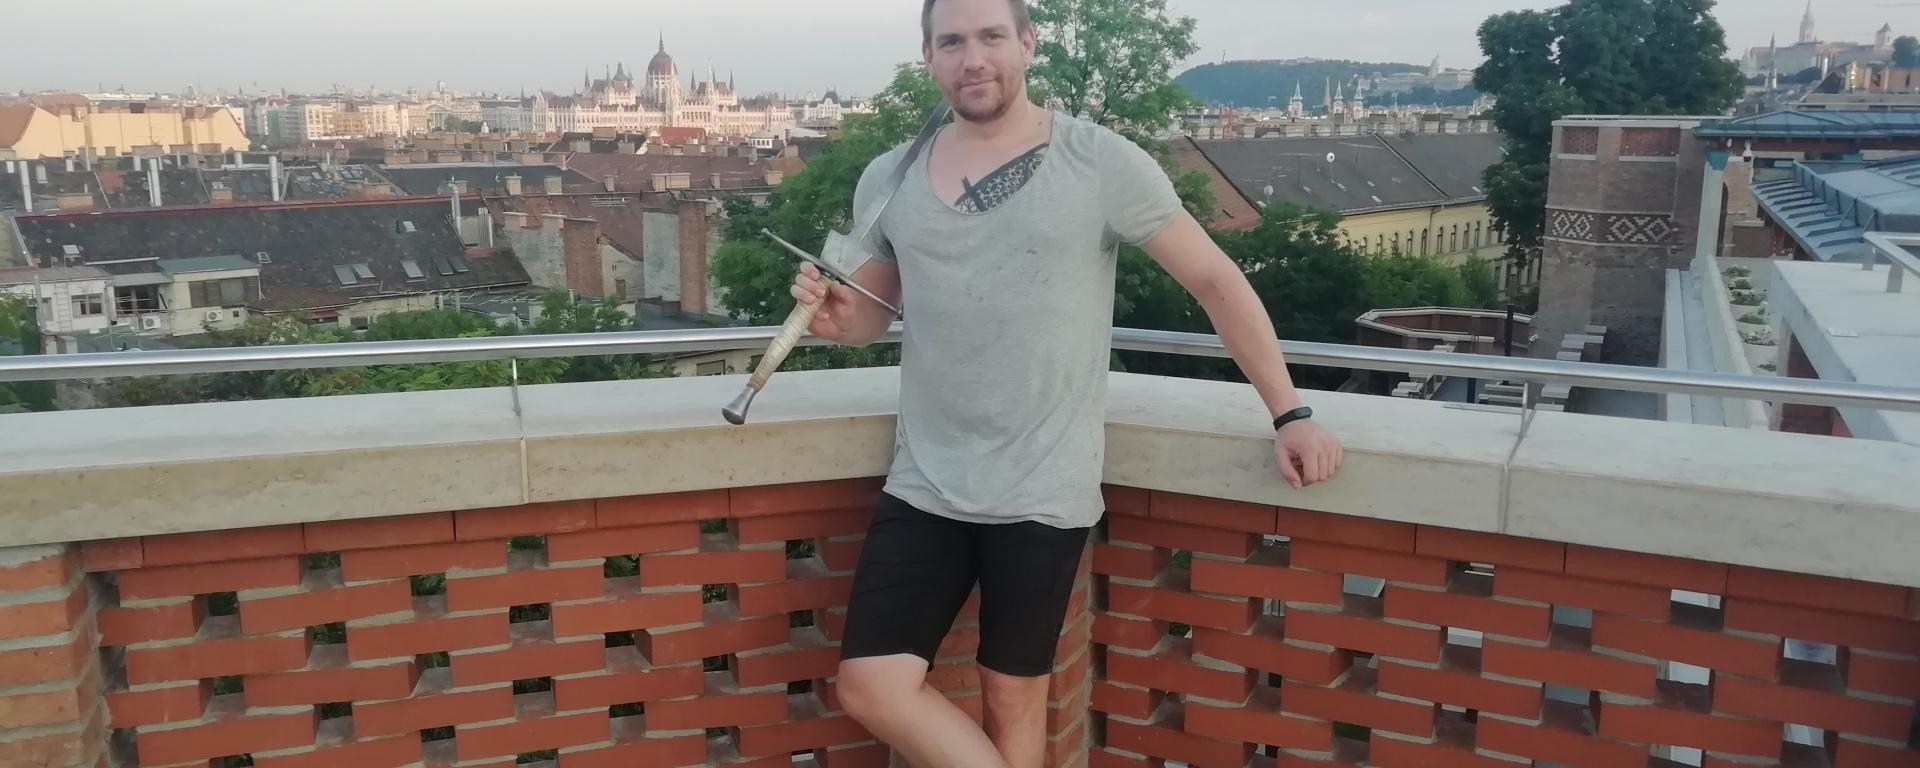 """Tamás Kelemen, intructor of HEMA club """"Kard Rendje"""" (Order of the Sword) located in Budapest"""